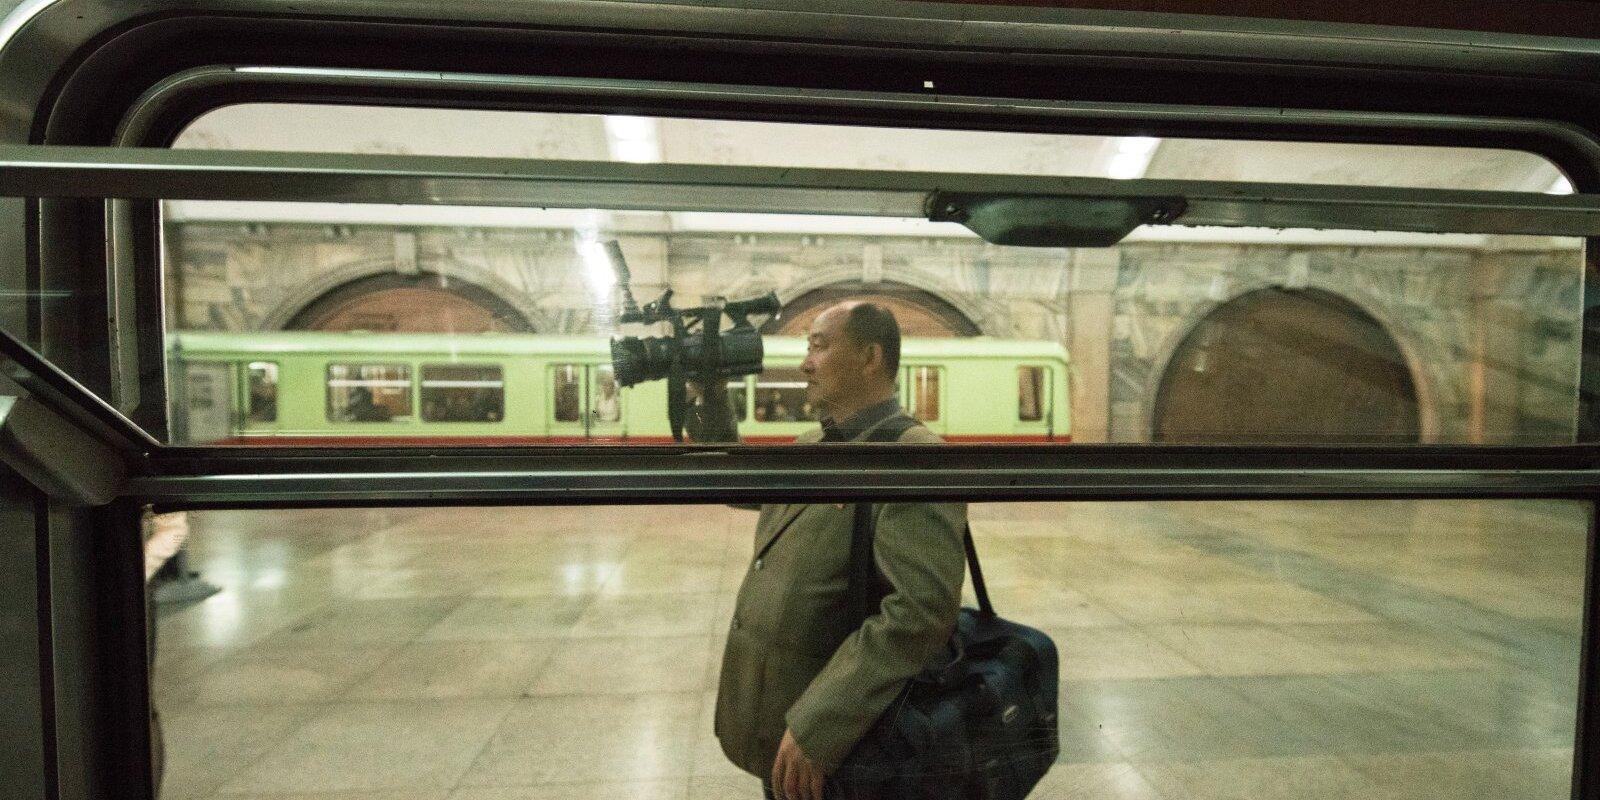 Северная Корея, Крым, Таиланд. Бывают ли неэтичные цели путешествия?